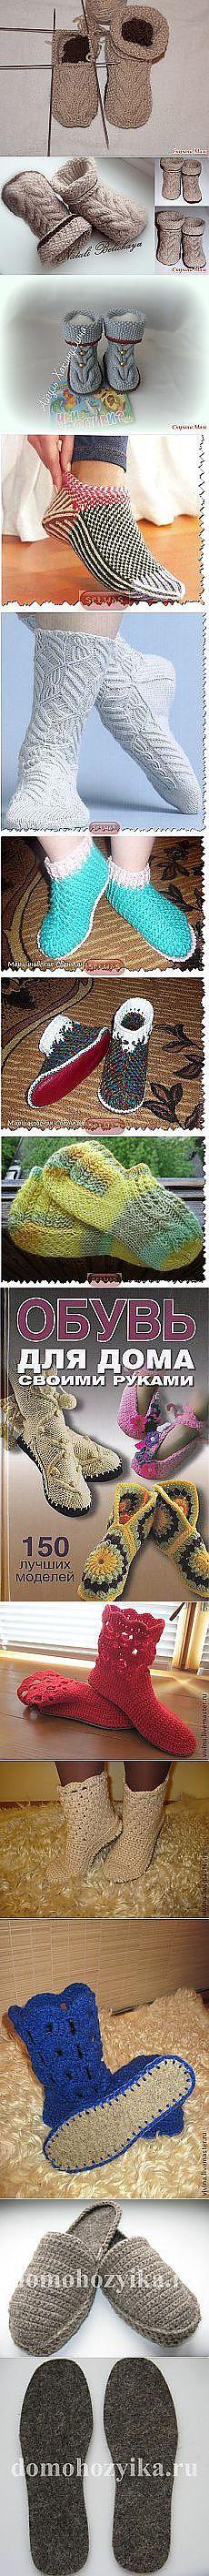 Fé Tishinskaya: malha Shoes |  Postila.ru